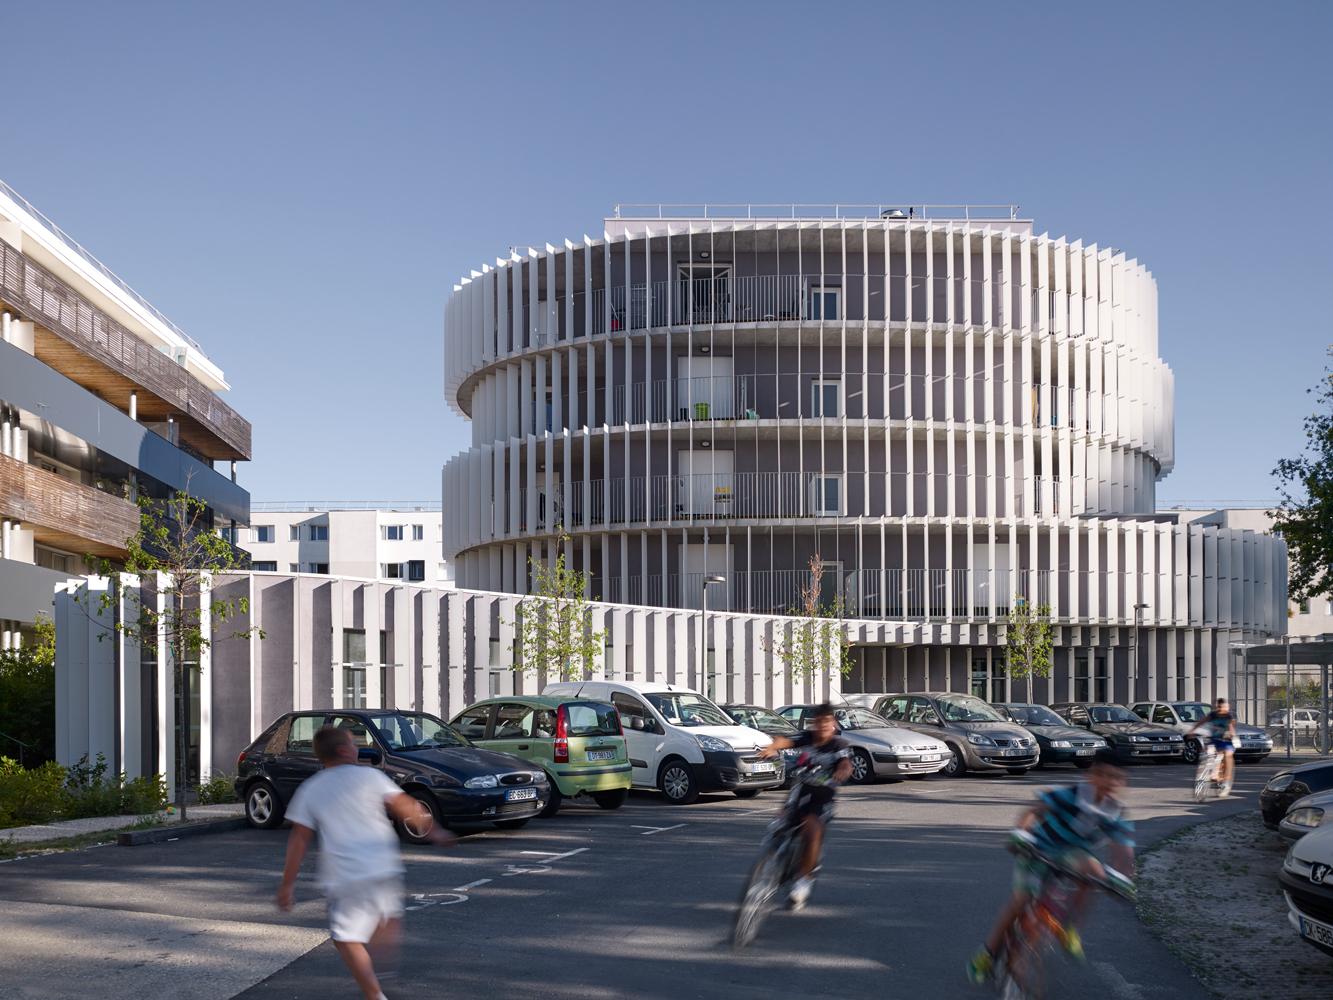 Eco-quartier Arago by Martin Duplantier Architectes